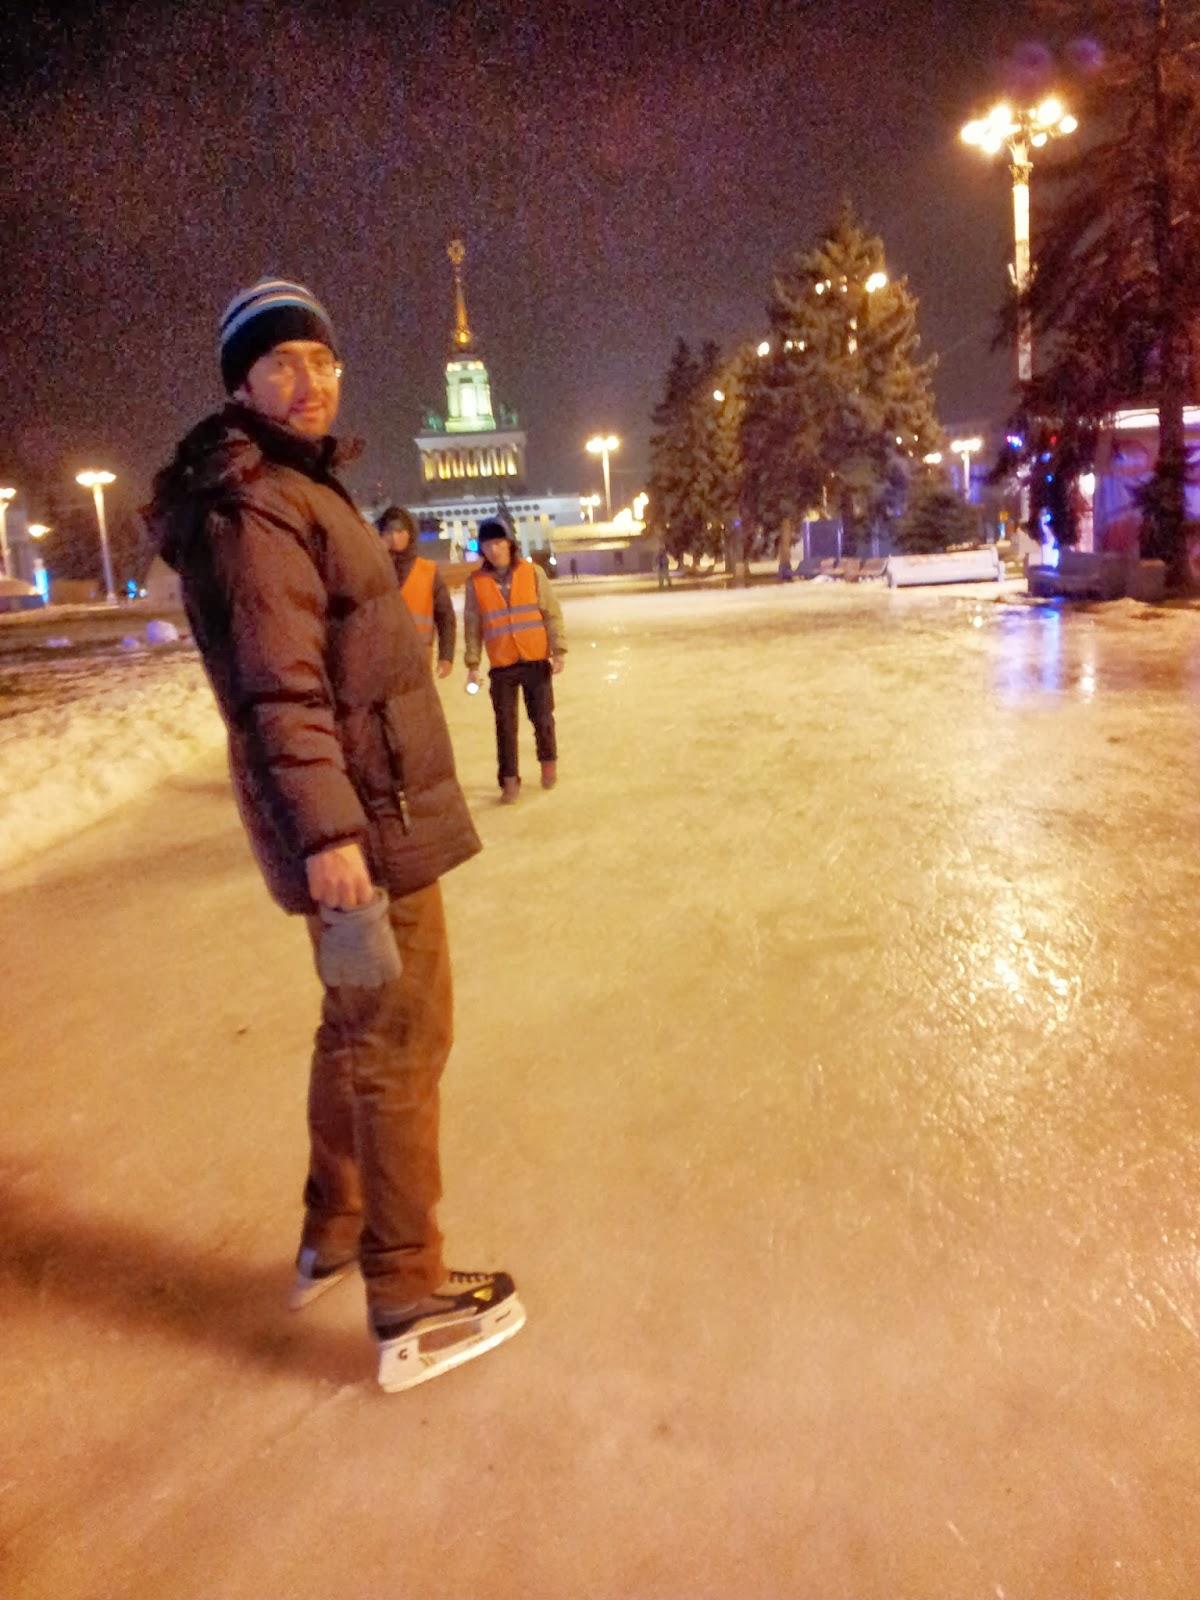 Soğuk ve ılık havalarda neden bacağım donuyor